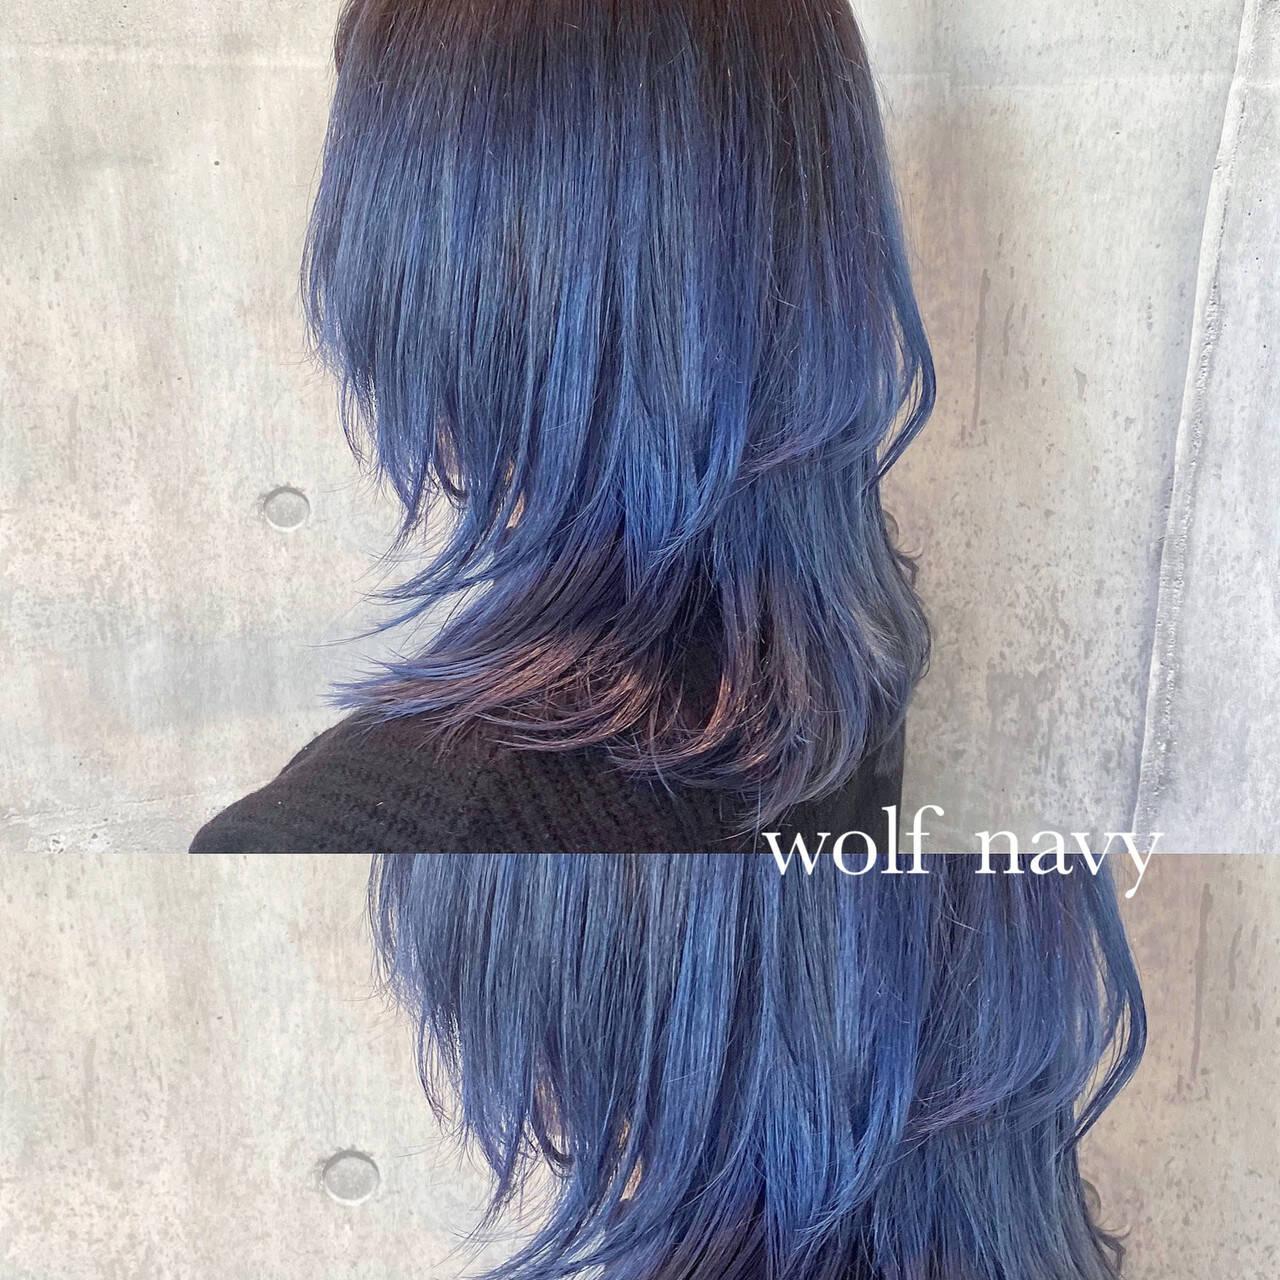 ミディアム ストリート ウルフ ウルフカットヘアスタイルや髪型の写真・画像